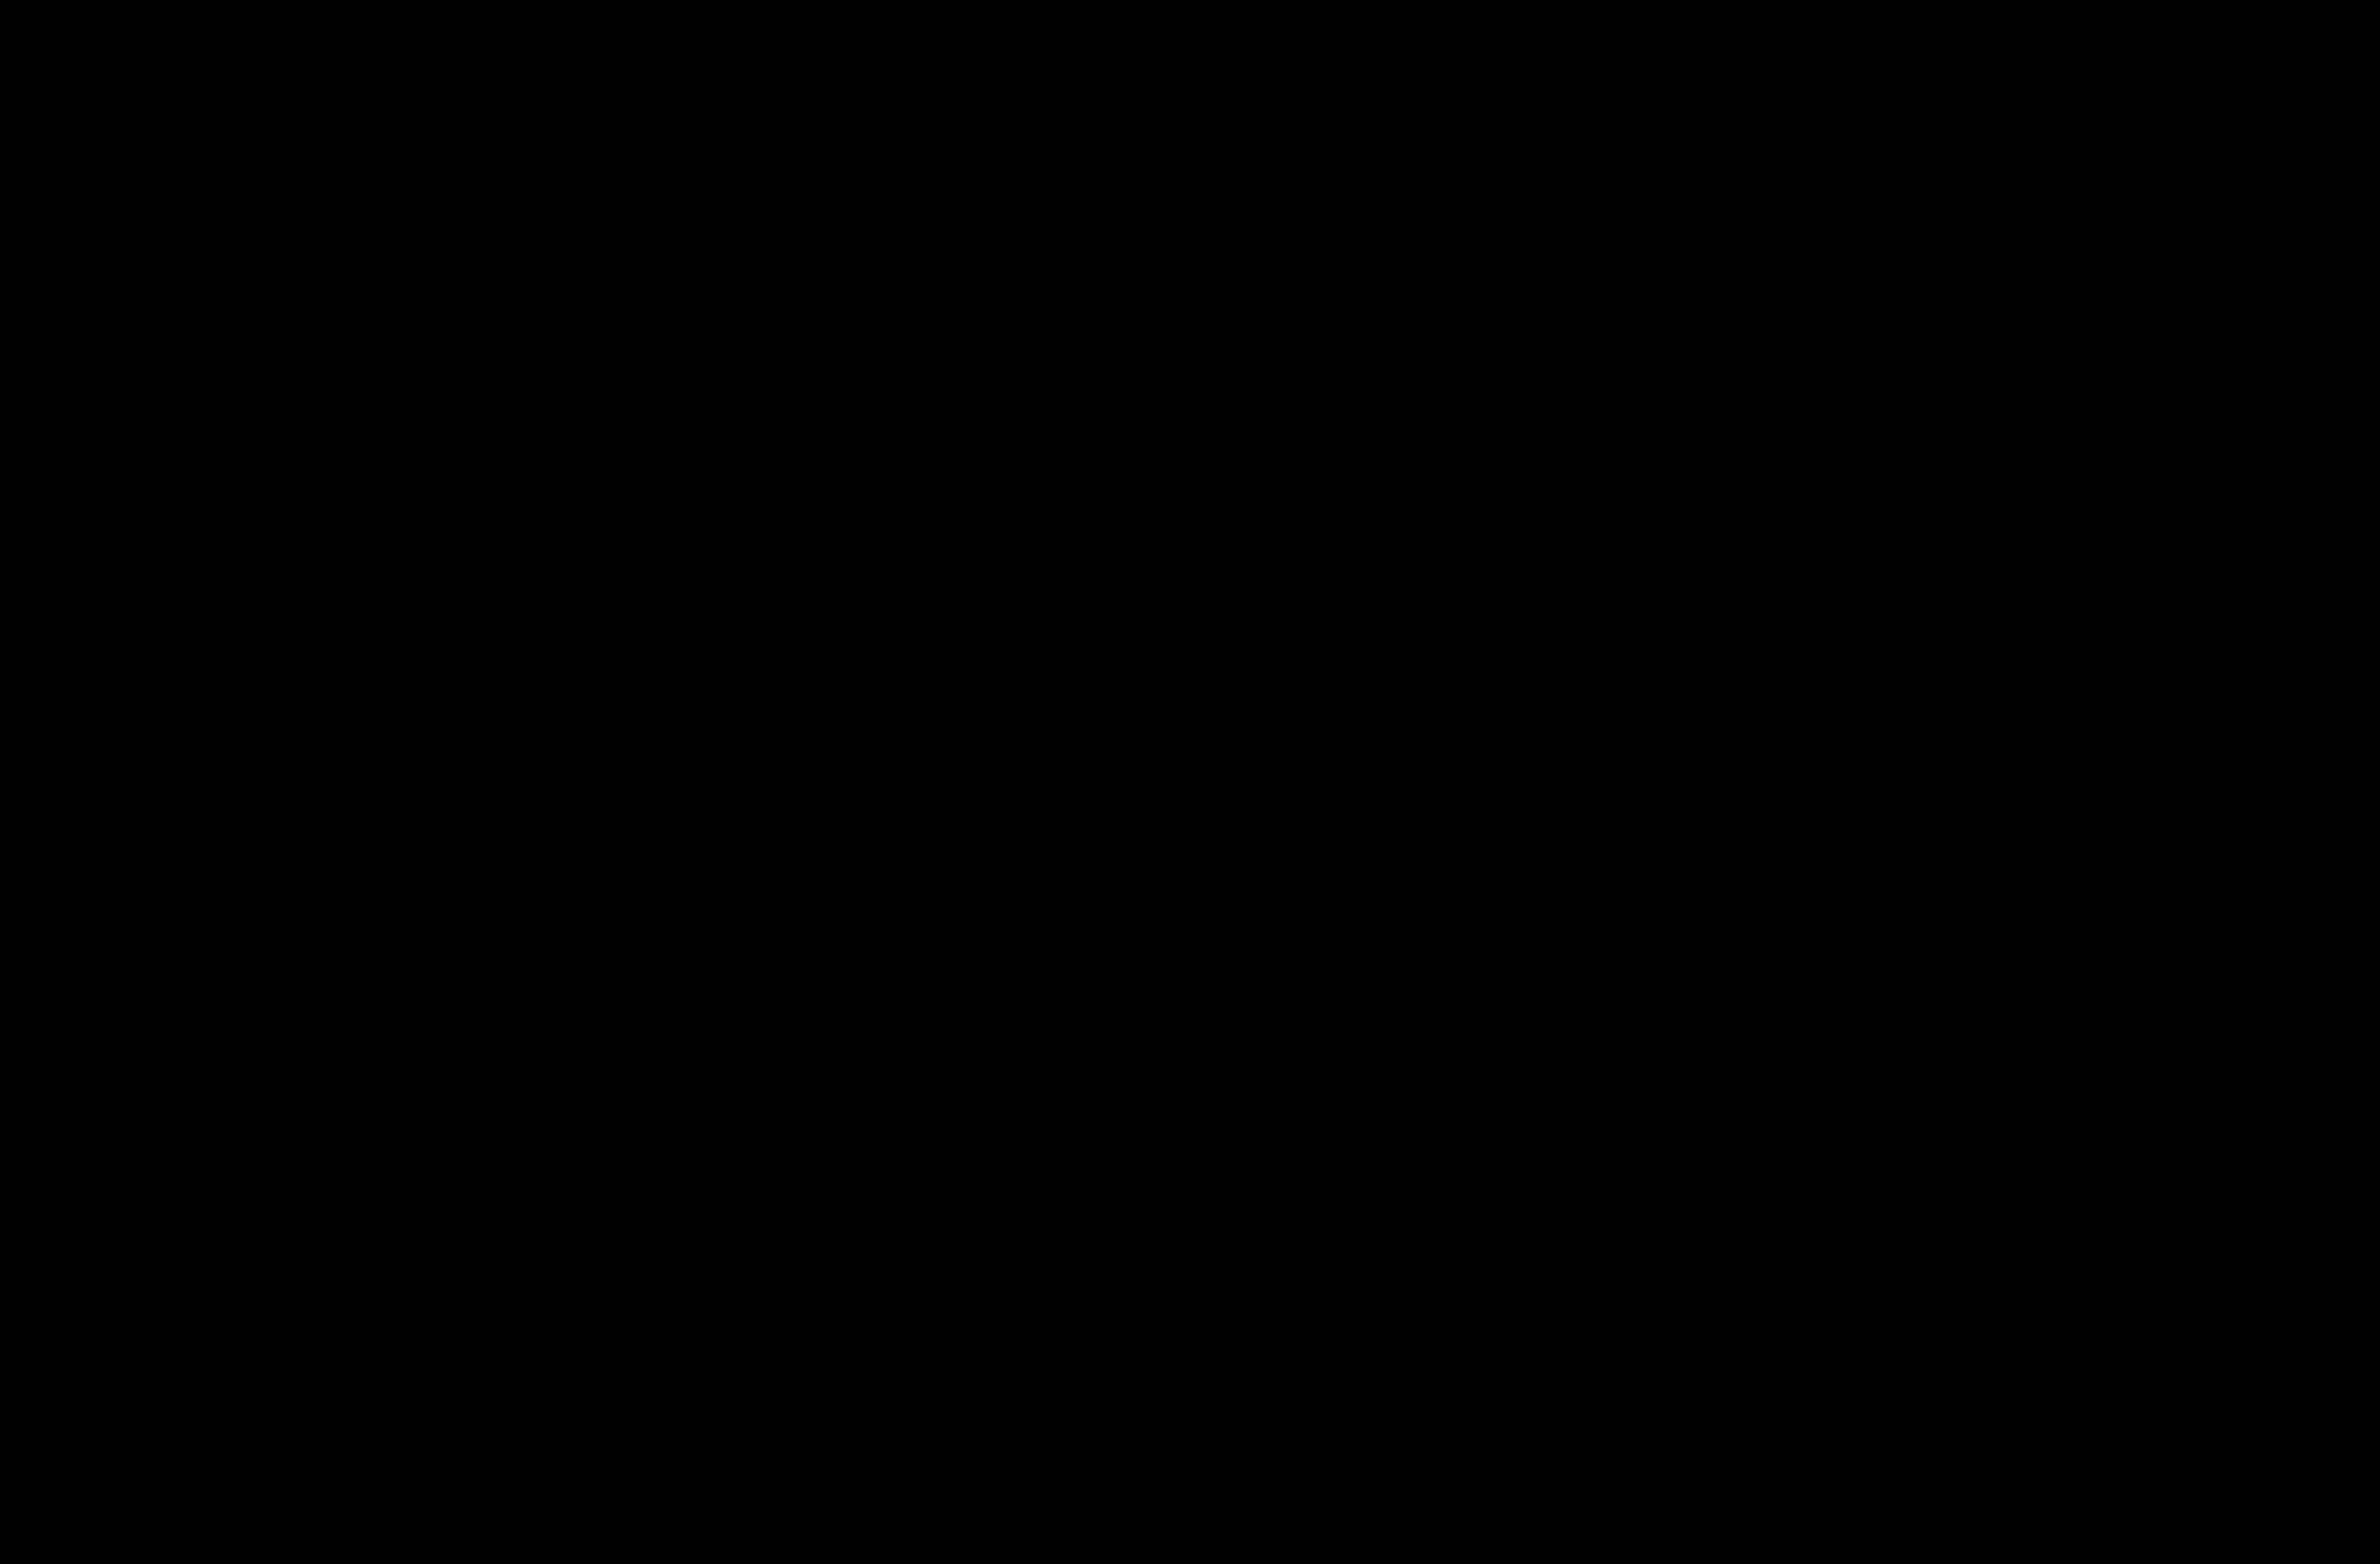 MINELLA EXAMINER